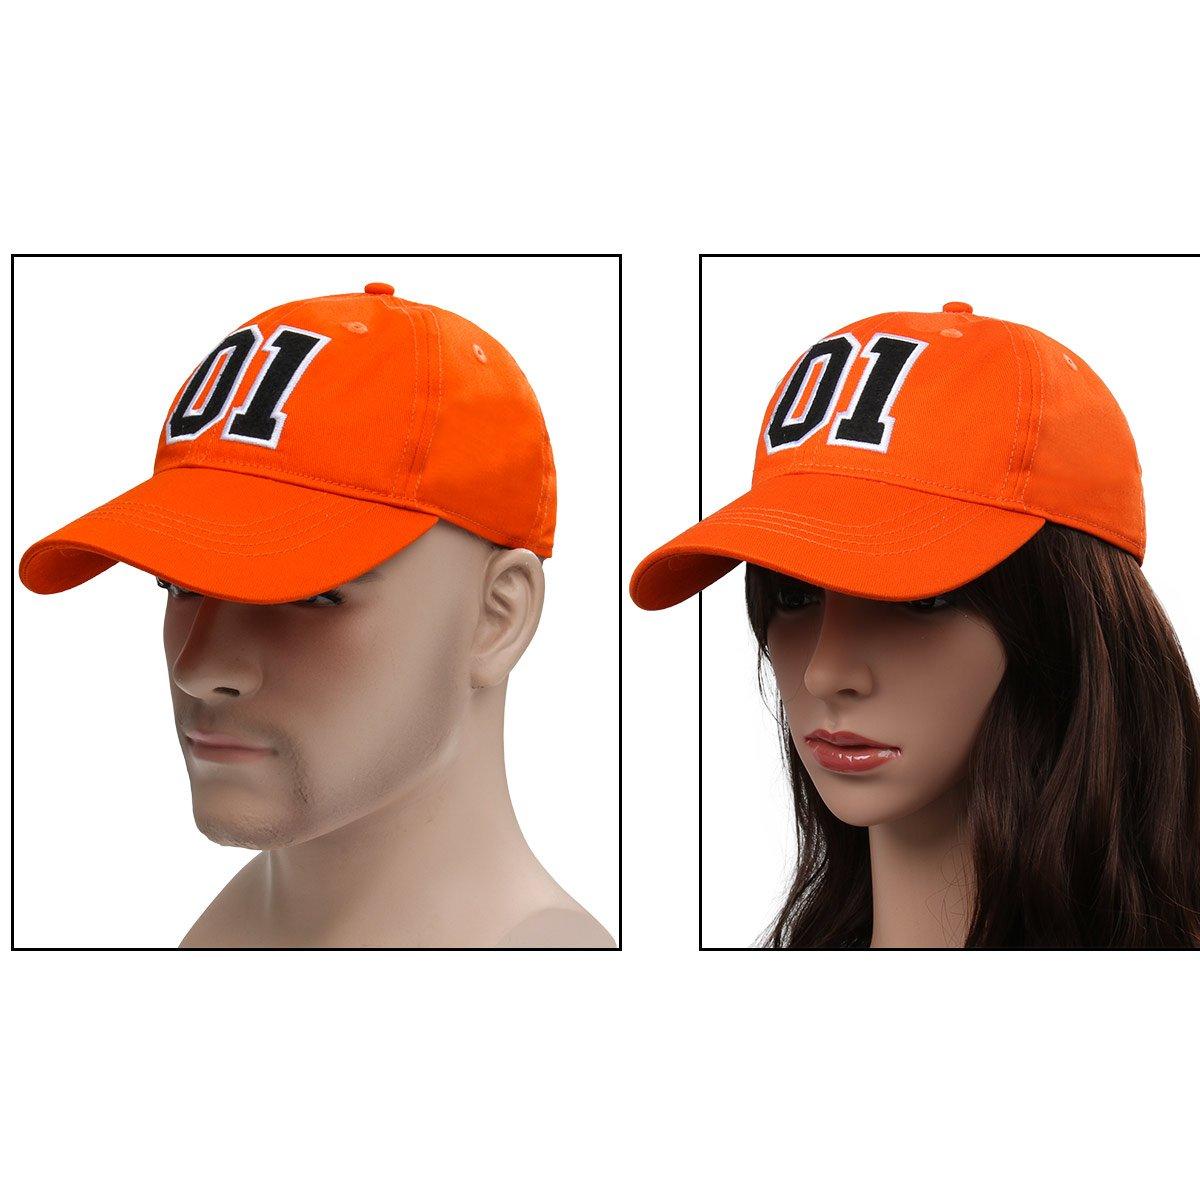 Costume Good OL Boy Cappello in Cotone Hip-Hop Cappelli Unisex Snapback Ricamo Be Nofonda Arancione Berretto da Baseball Cappellino Ricamato Numero 01 General Lee per Donna Uomo Chiusura Regolabile